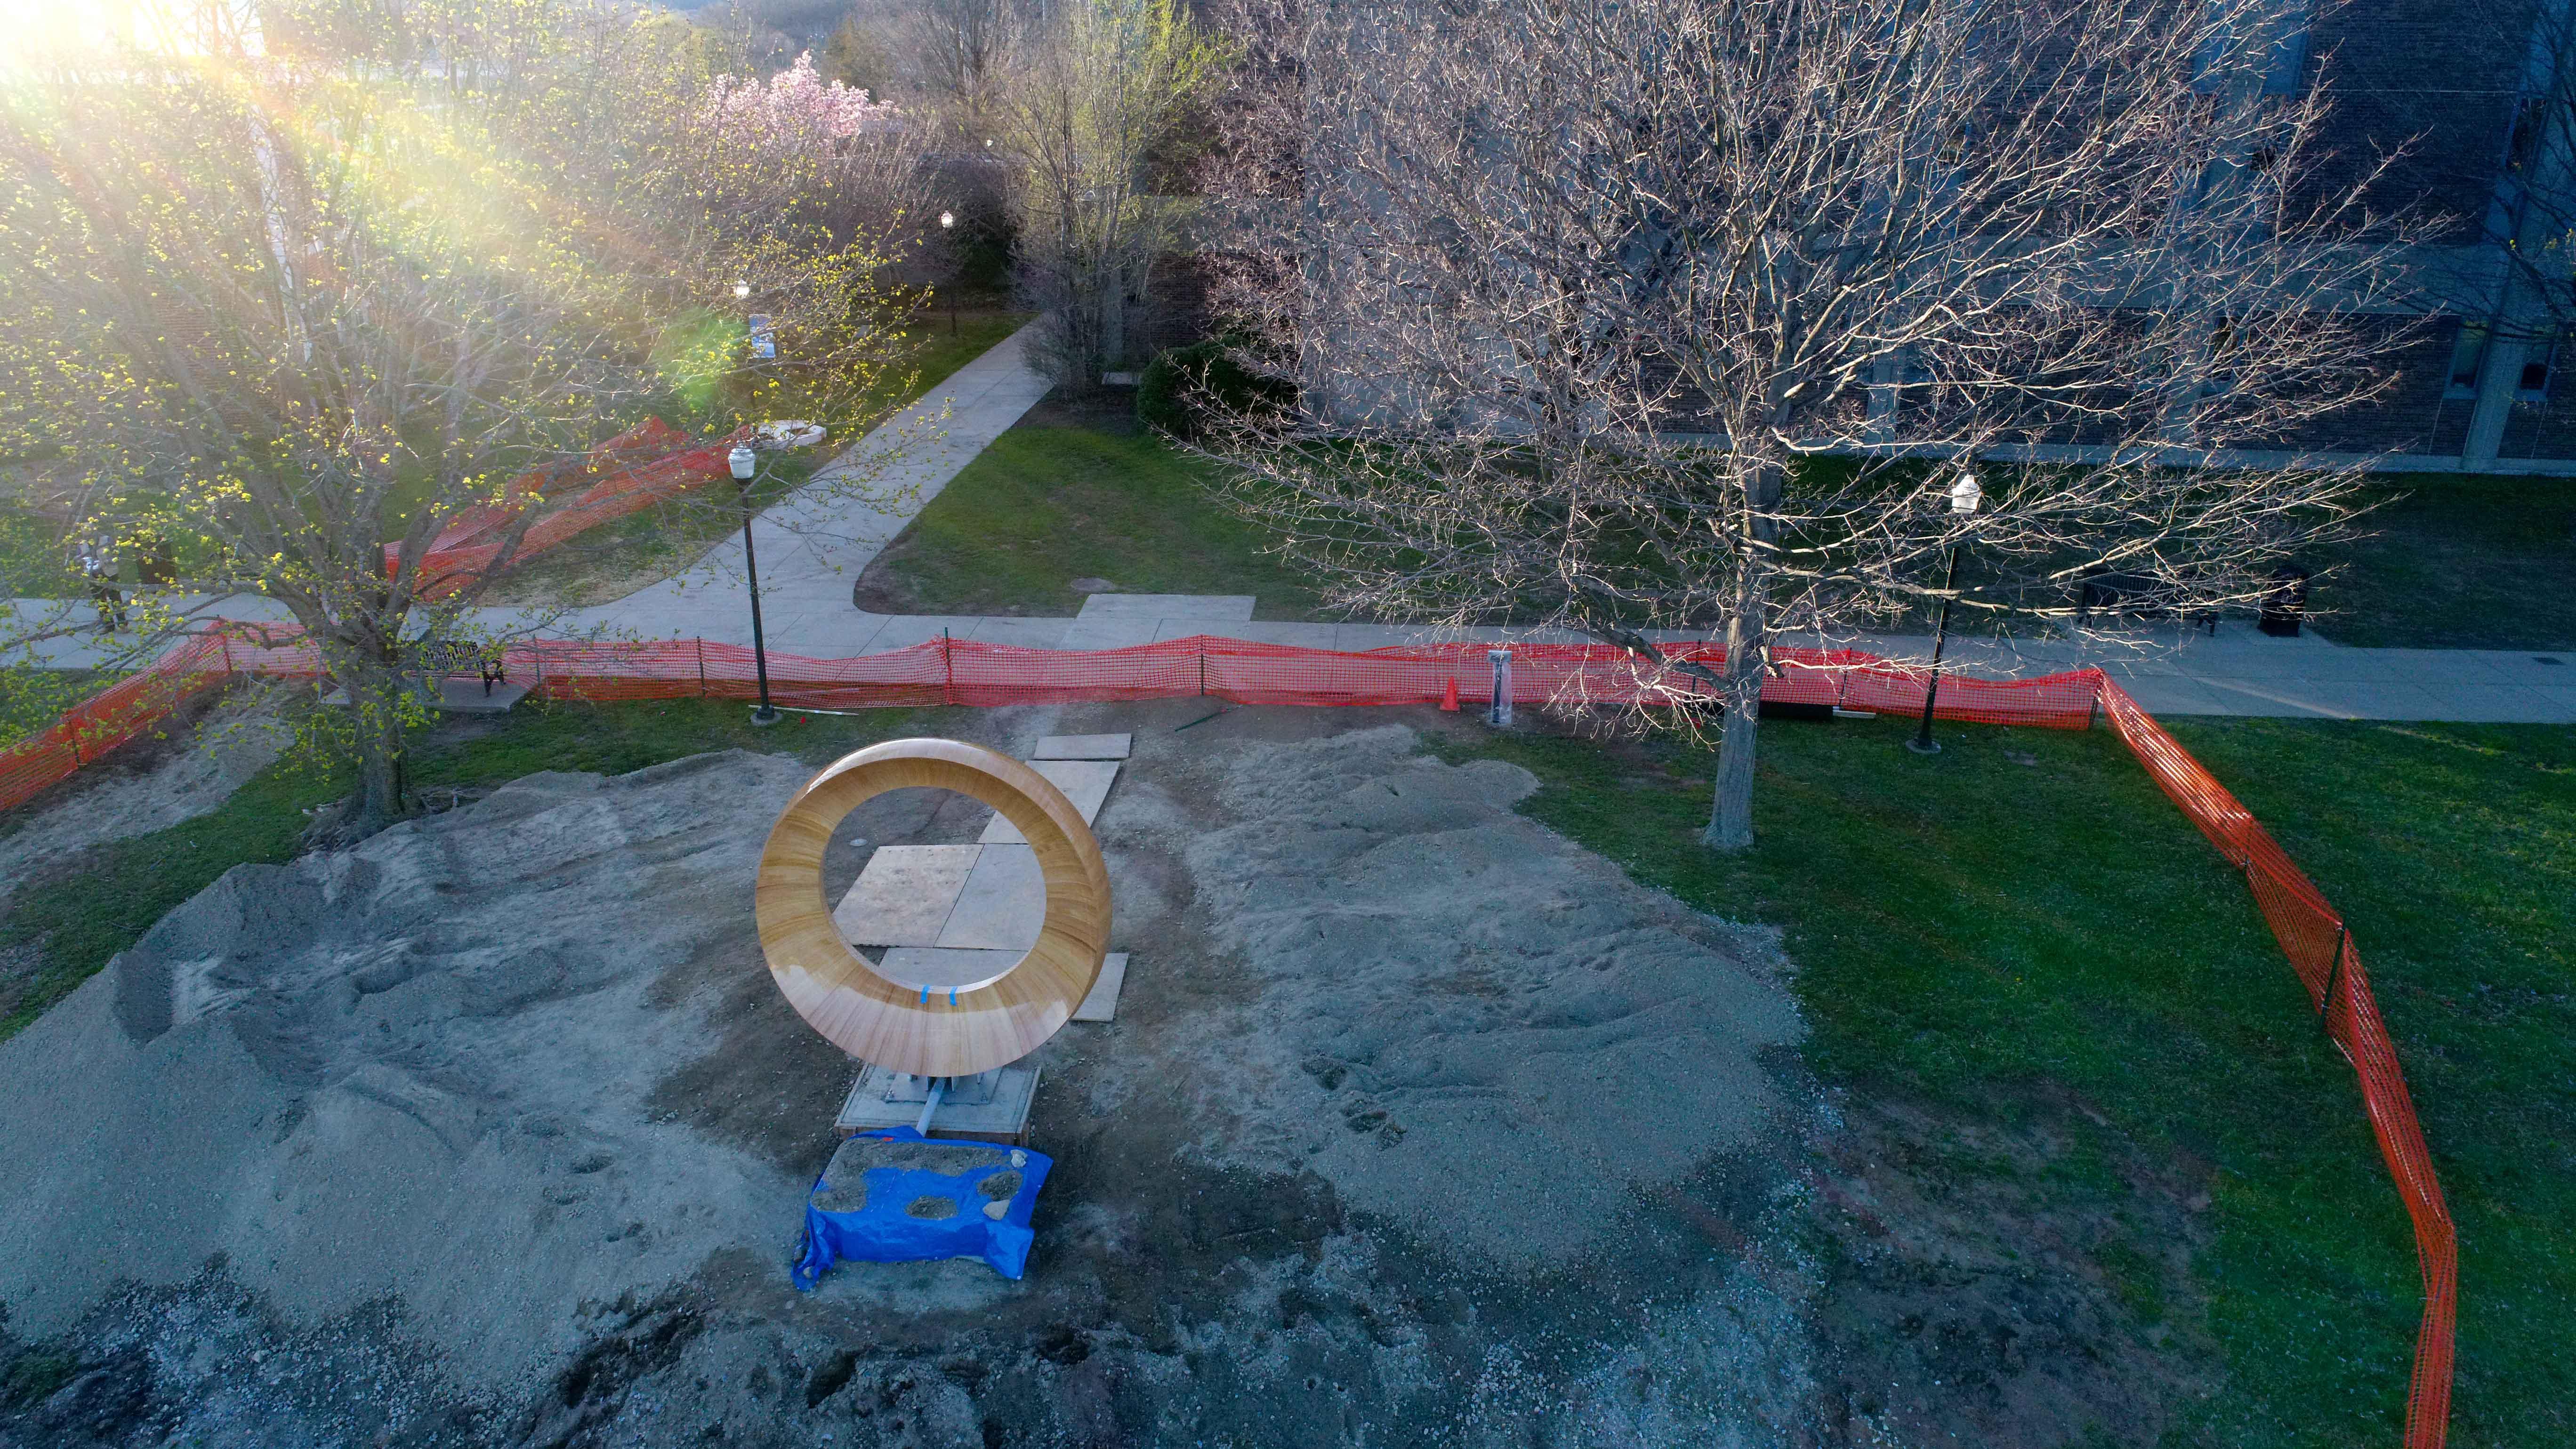 Journalism professor documents memorial build